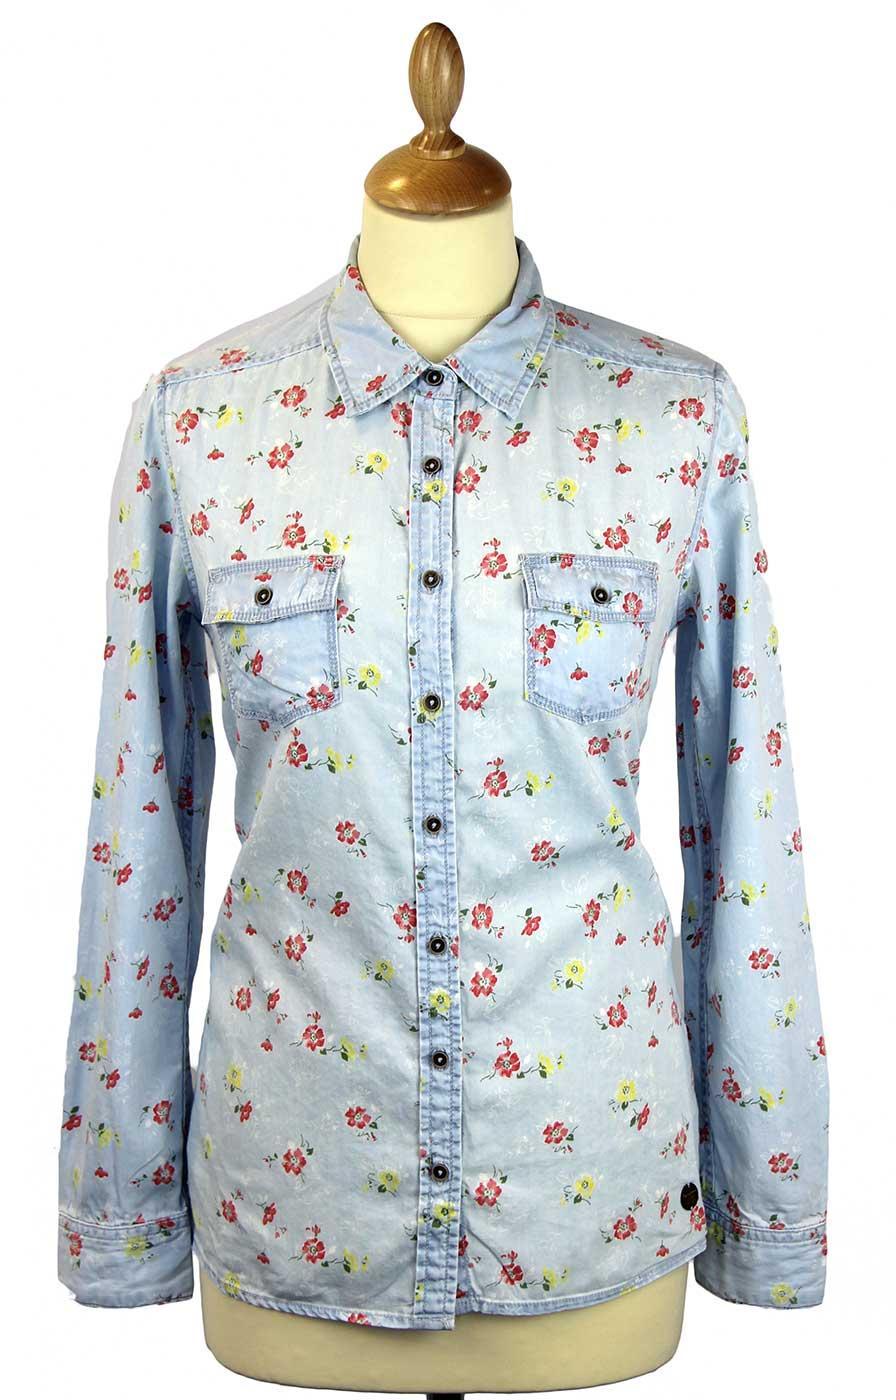 Flor PEPE JEANS Retro 70s Printed Denim Shirt